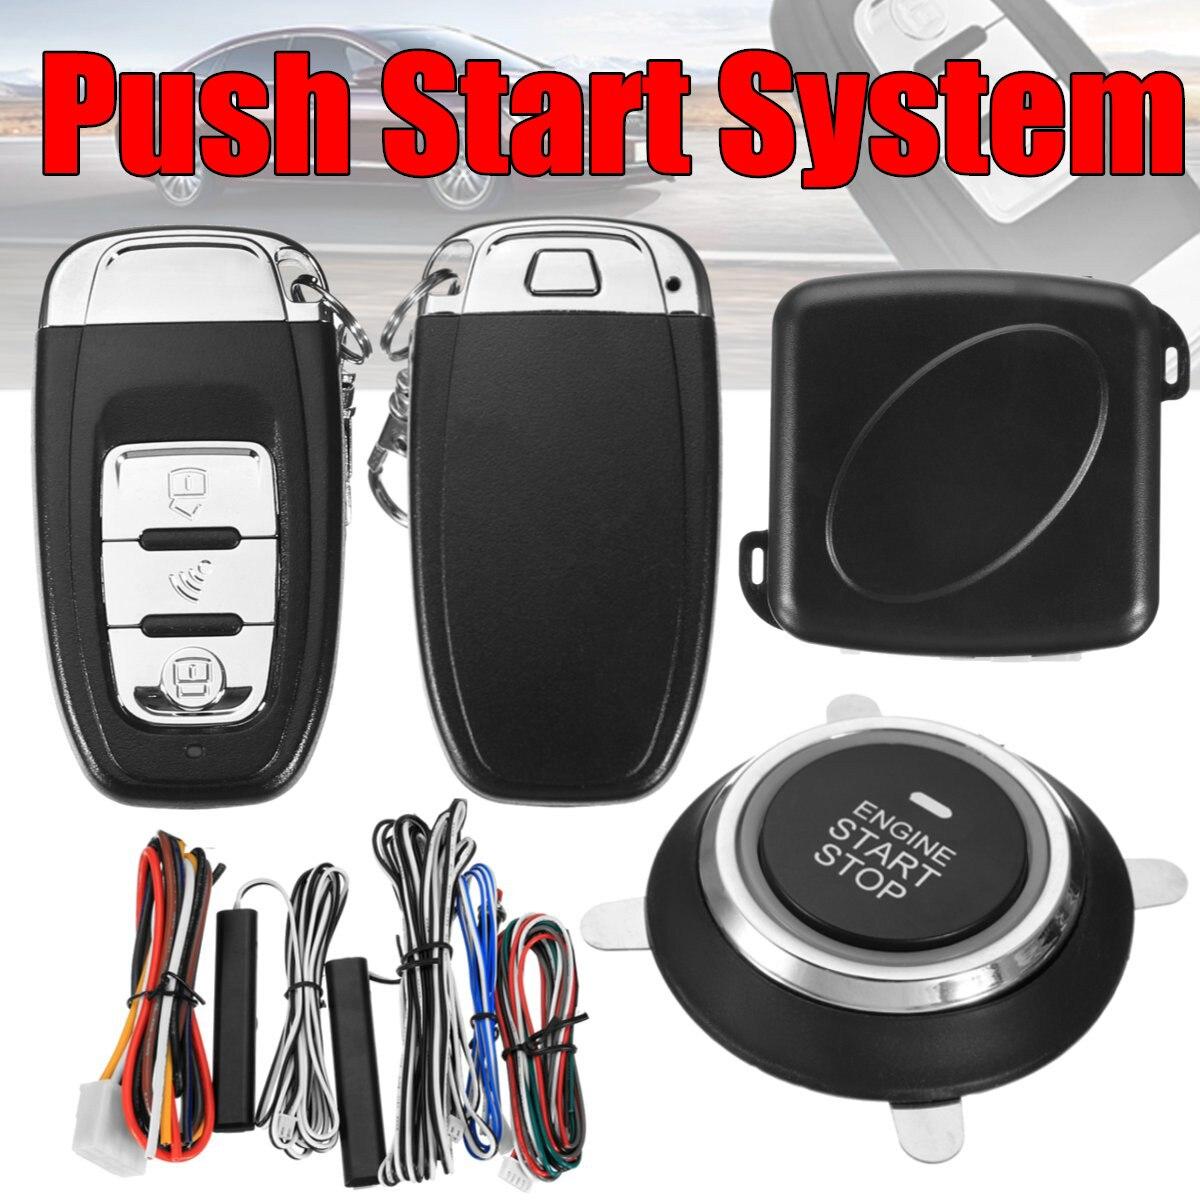 Date Smart Auto voiture SUV alarme moteur démarrage bouton poussoir démarrage arrêt sécurité sans clé entrée système de commutateur d'allumage Push Starter - 2